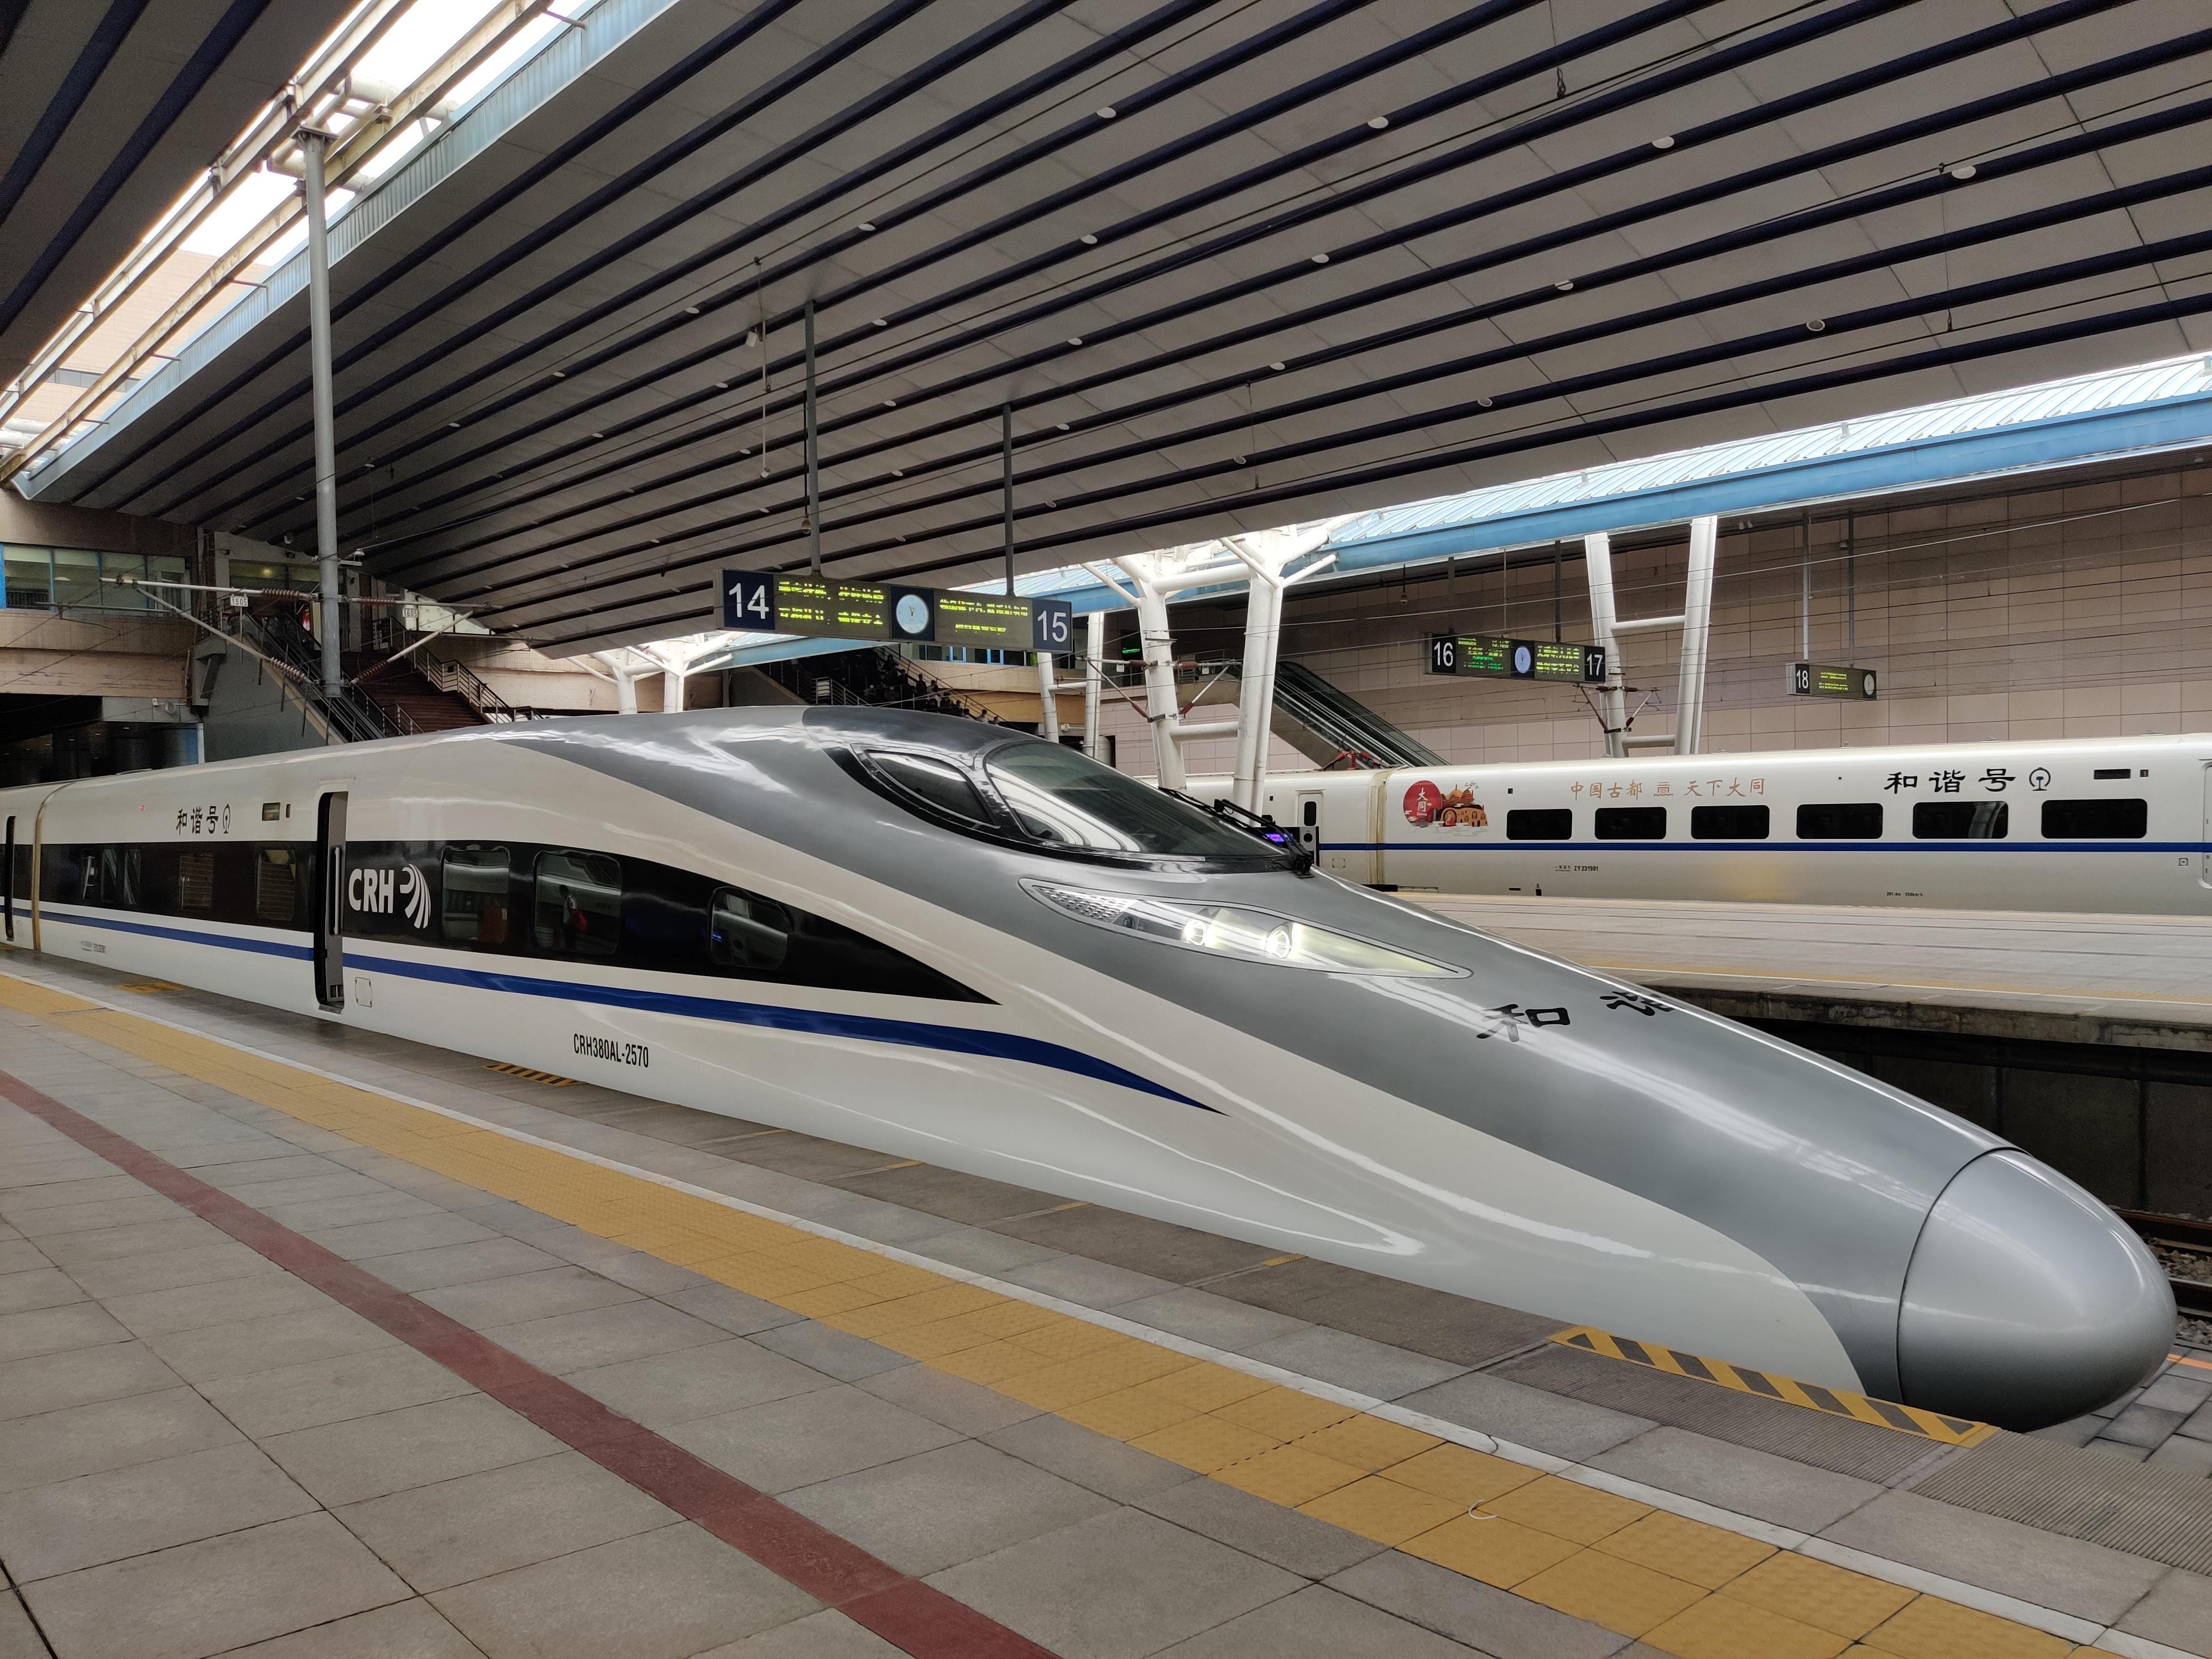 【交通运转记录】2020年6月9日北京火车运转随拍图集